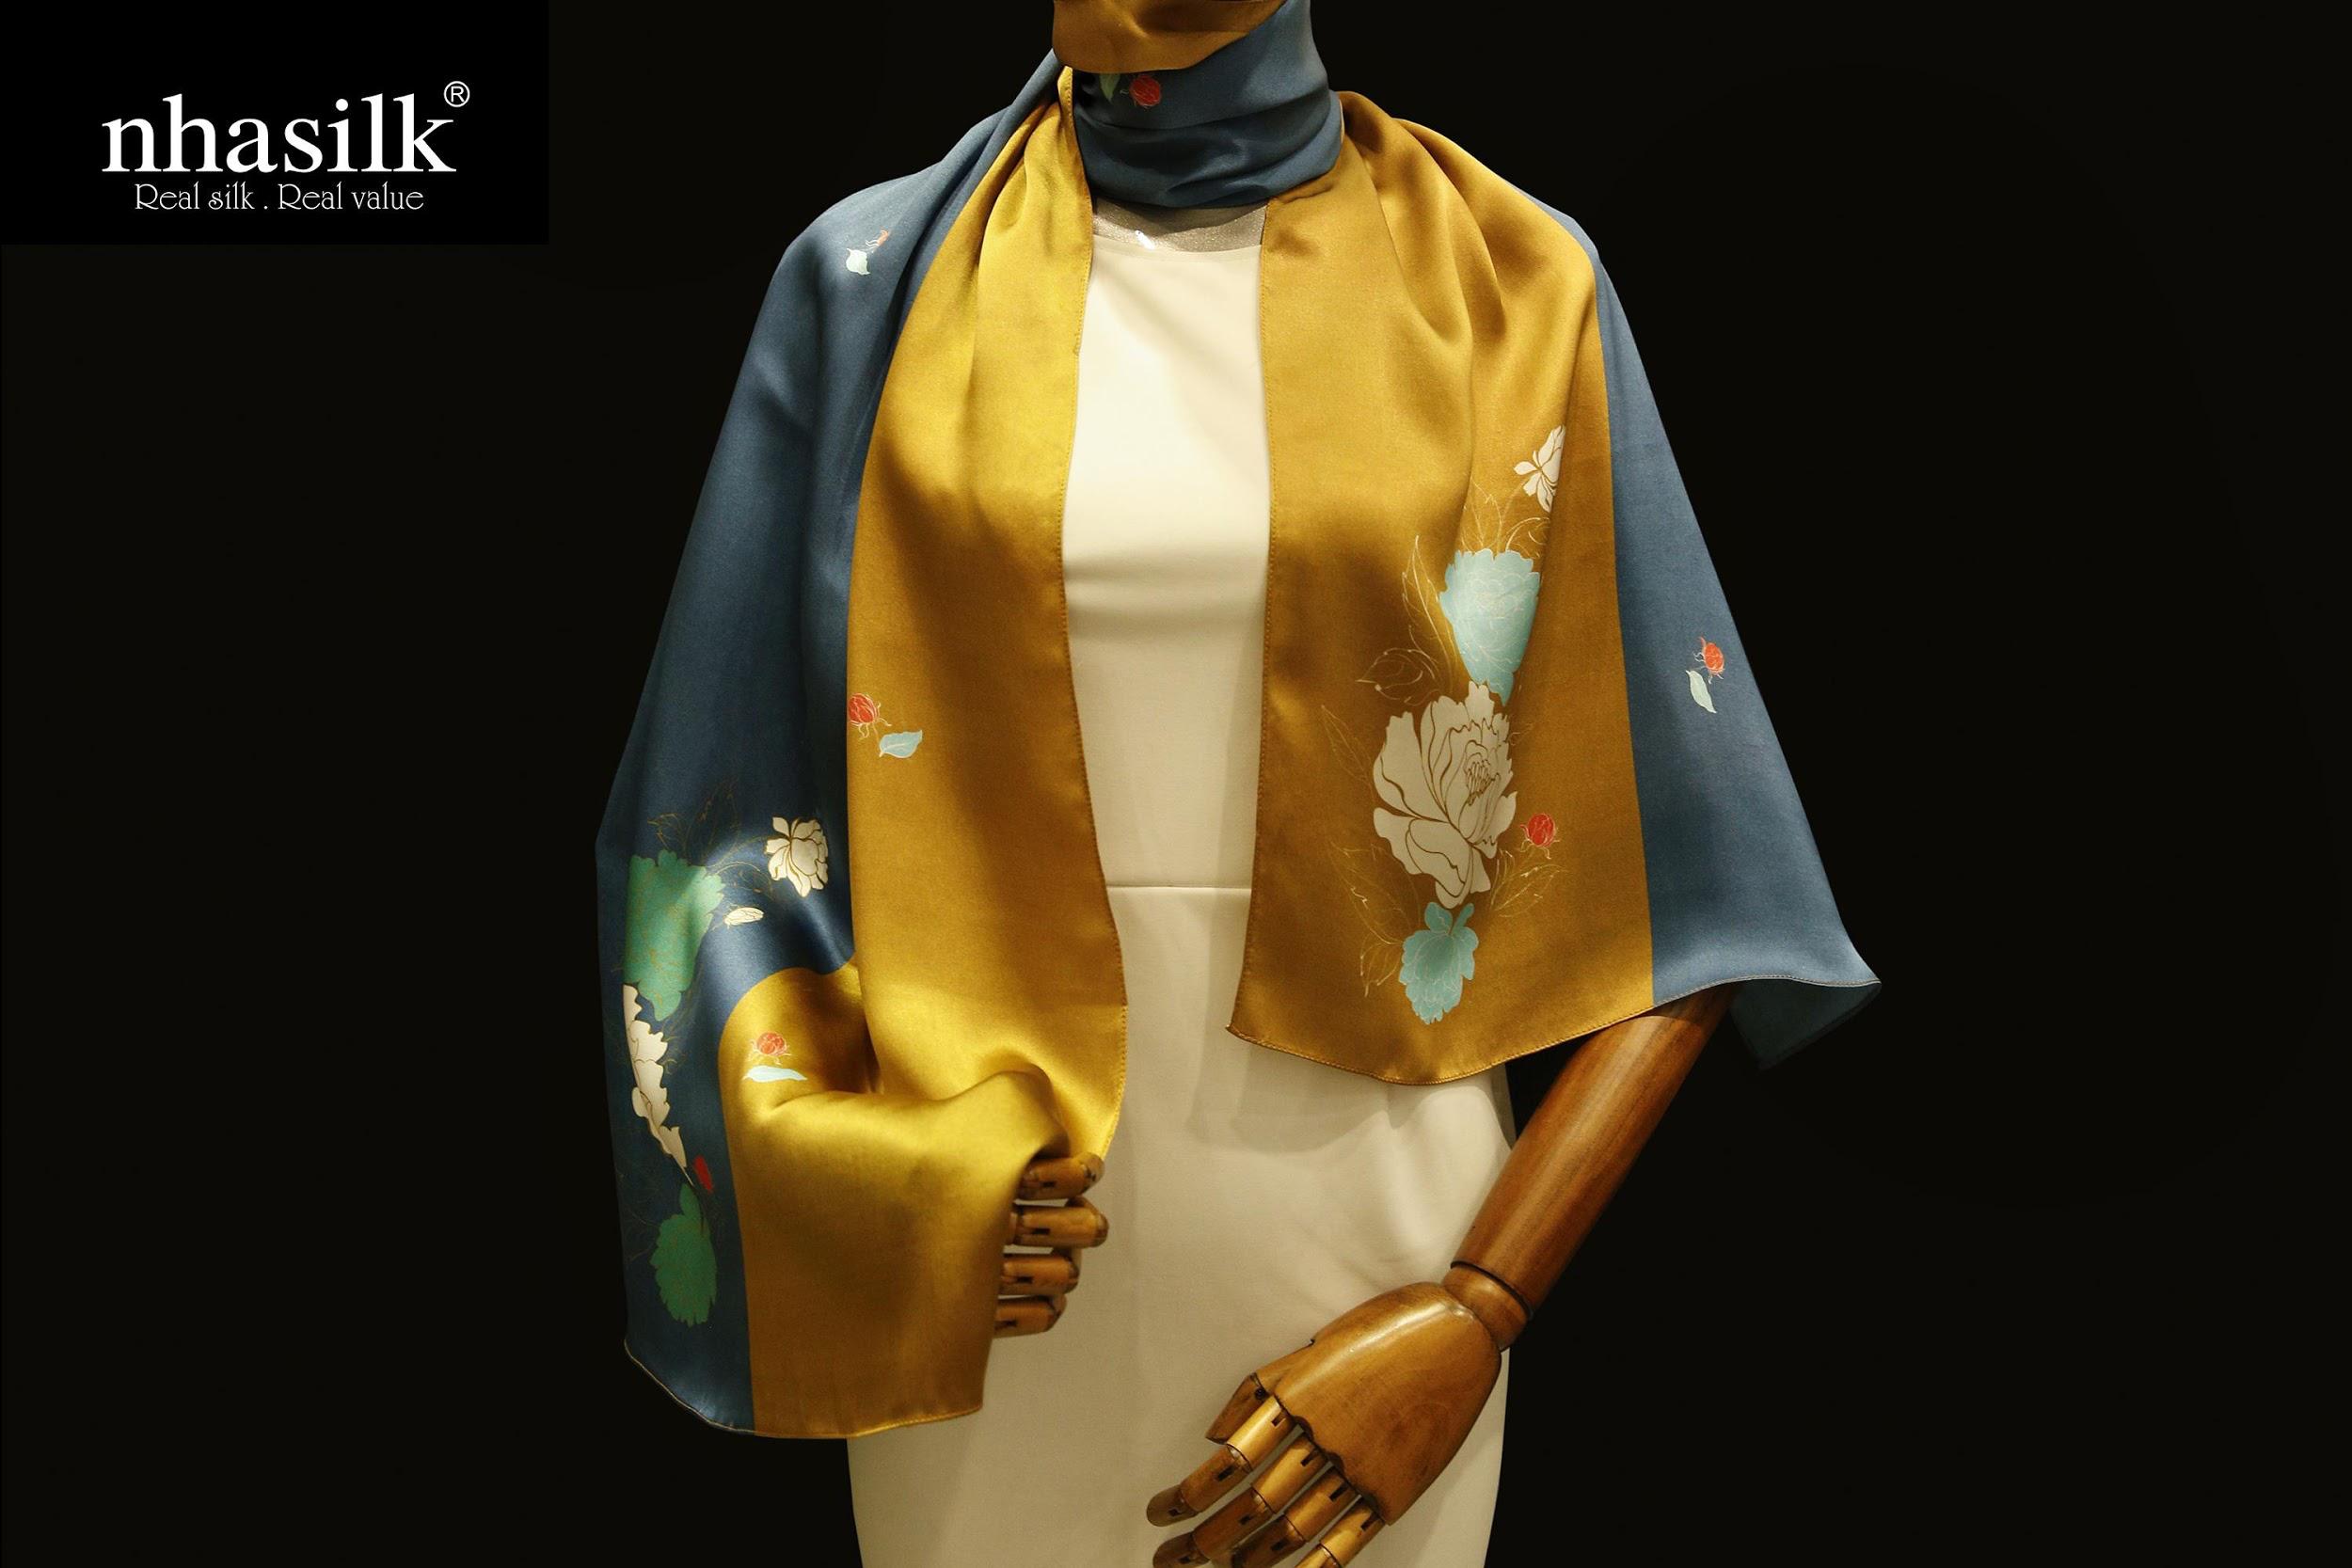 các kiểu khăn choàng cổ sang trọng hoa mẫu đơn